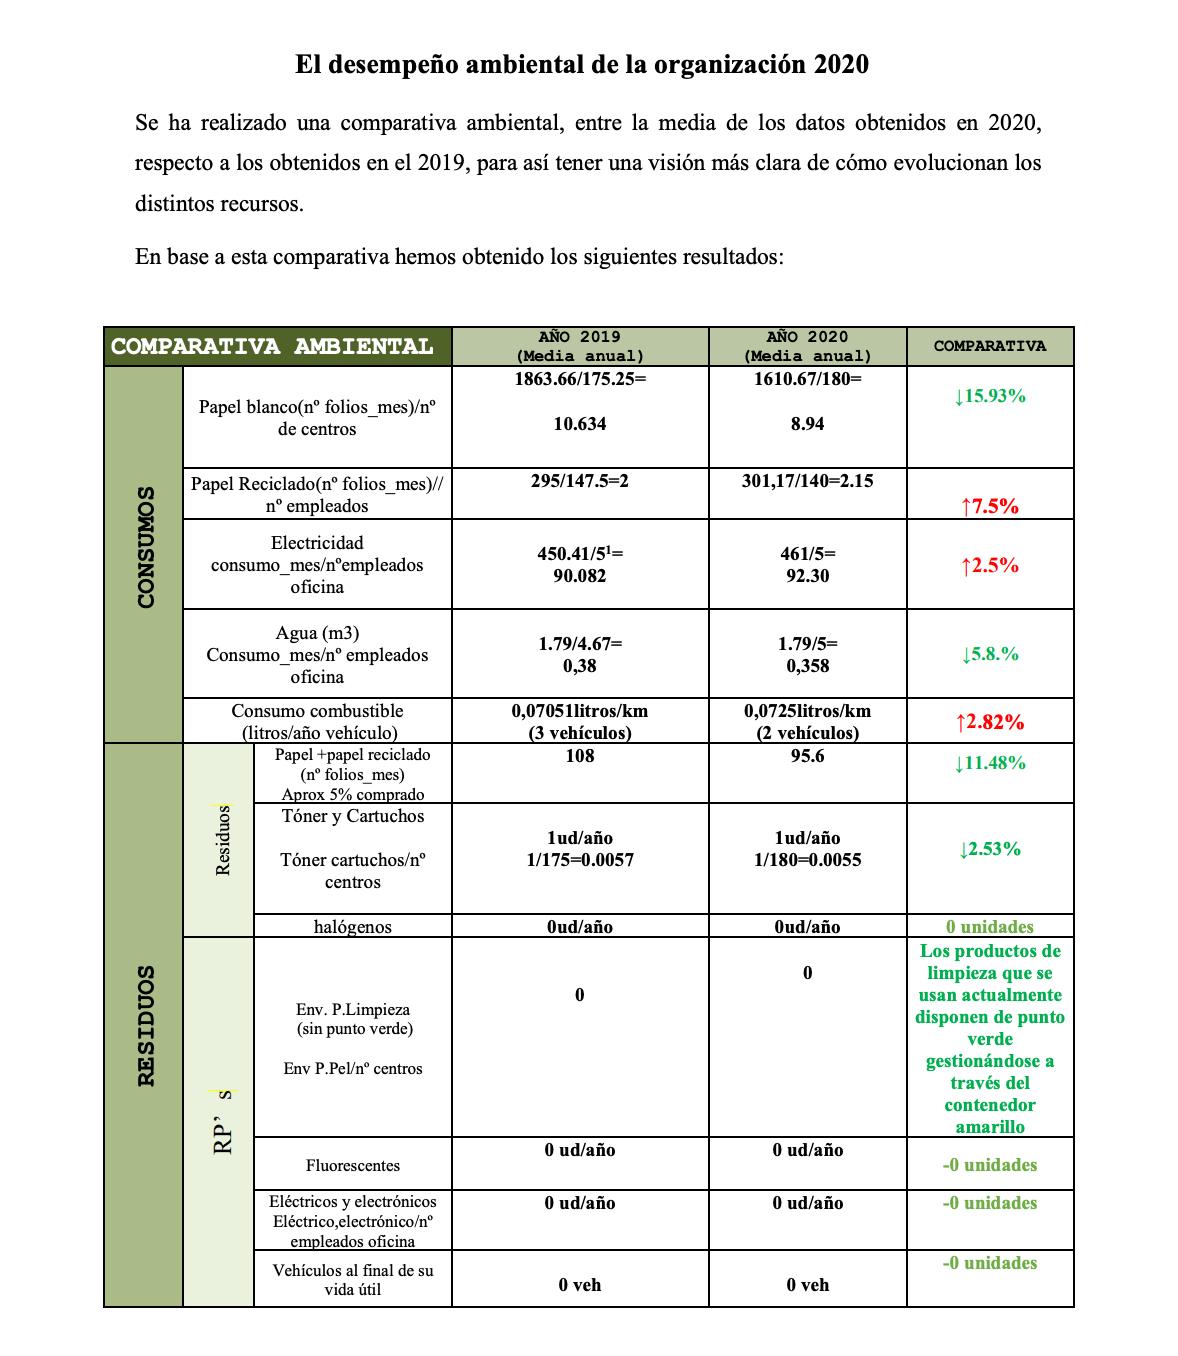 desempeño-ambiental-organización-2020